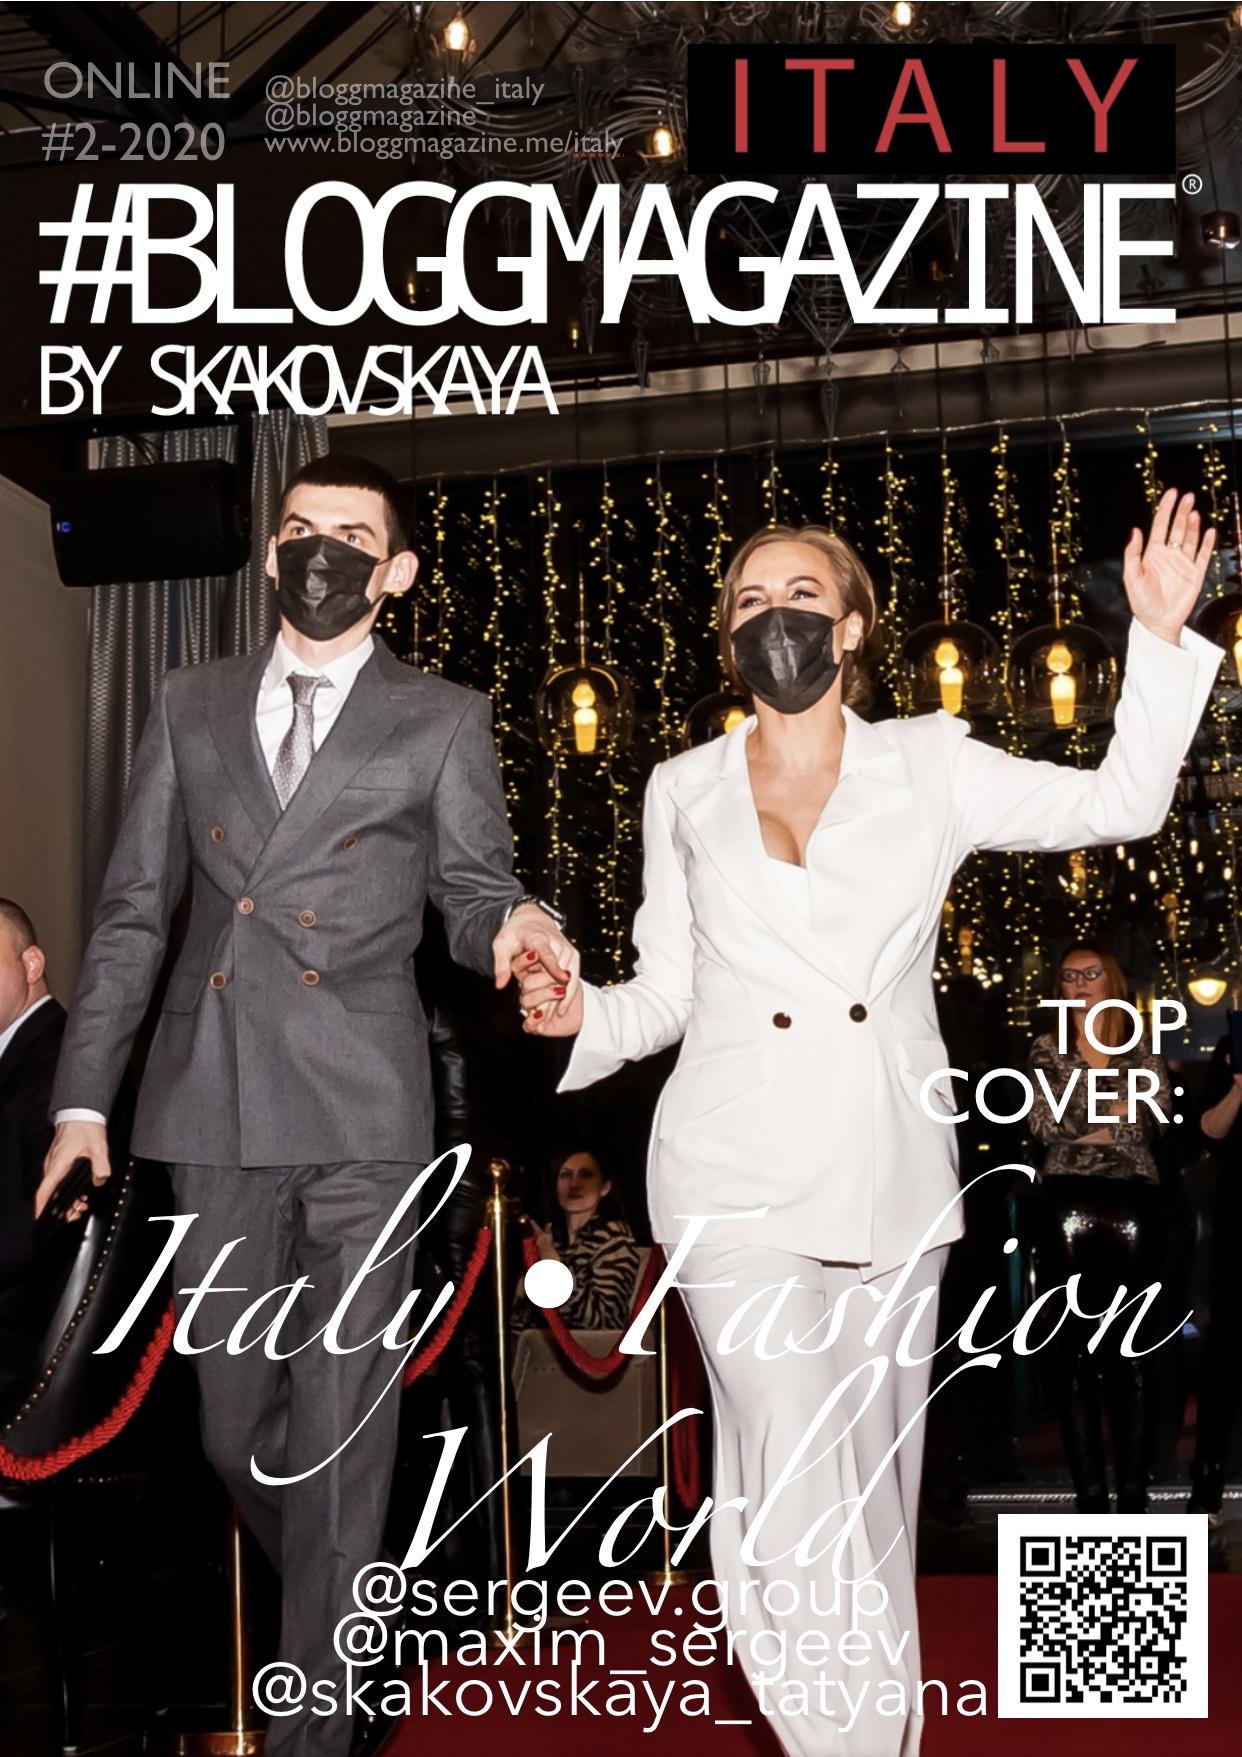 bloggmagazine_italy_online_skakovskaya_s